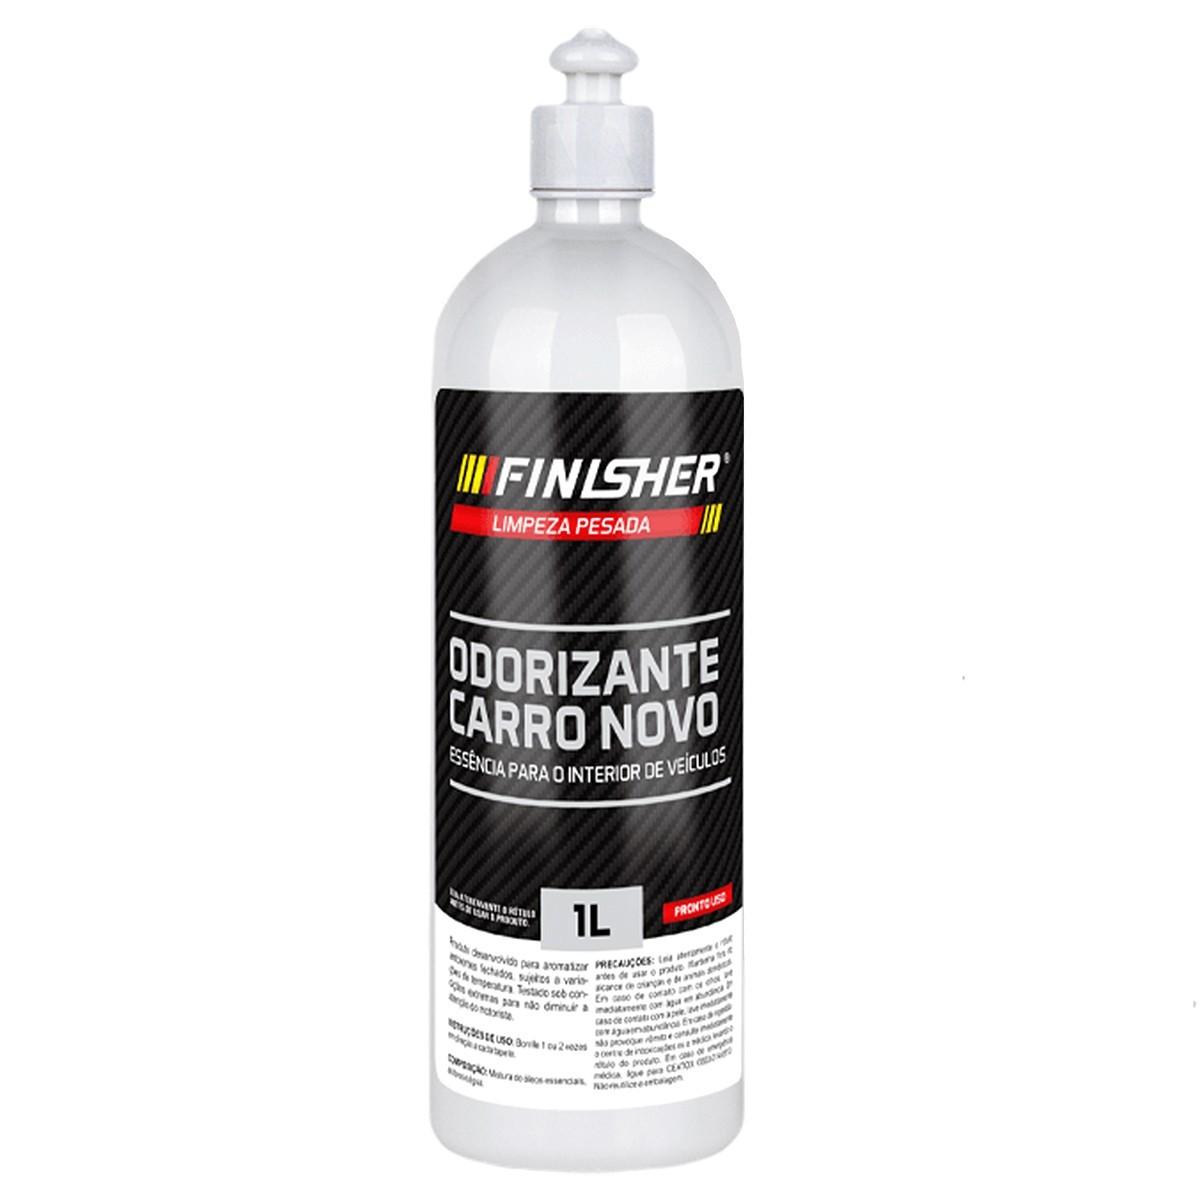 Aromatizante Odorizante Carro Novo 1 Litro Finisher